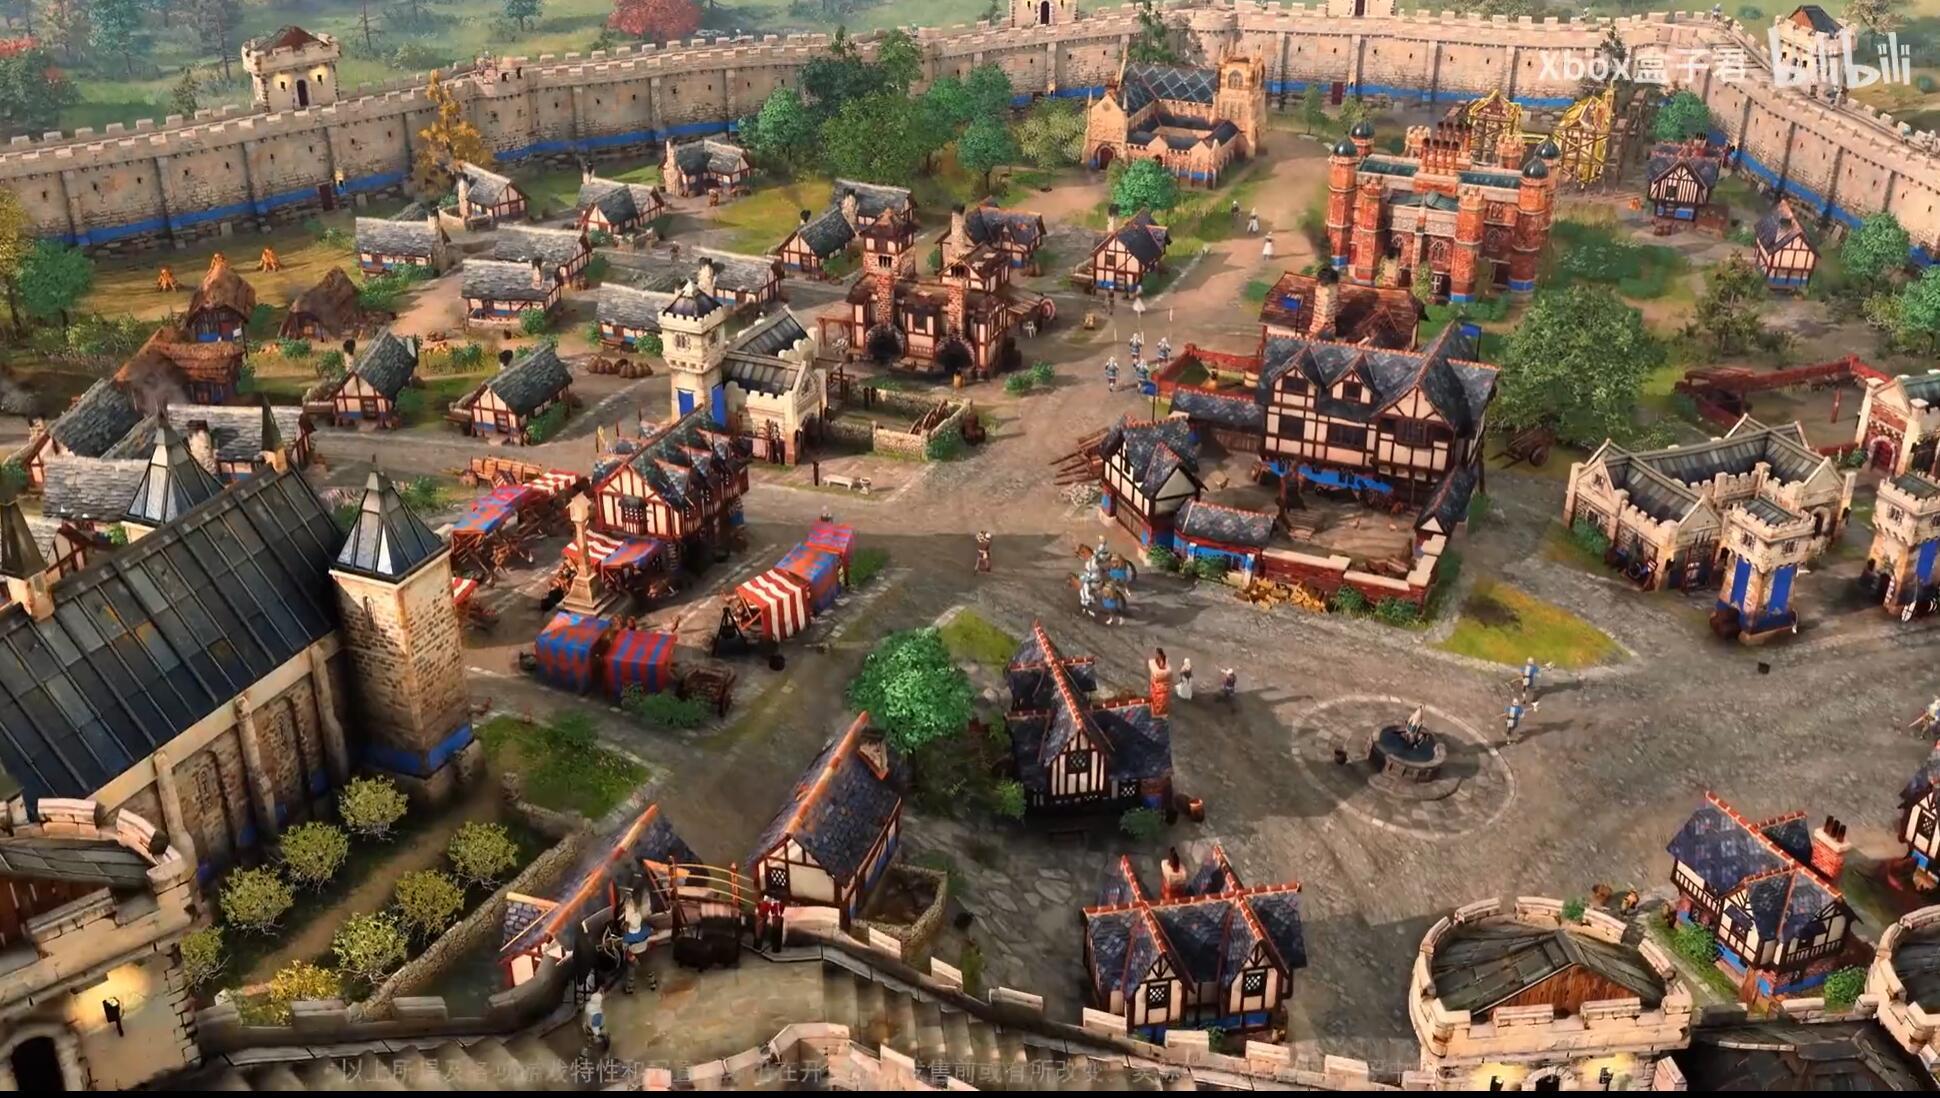 """《帝国时代4》预计秋季发售,公布新文明""""中华文明"""""""